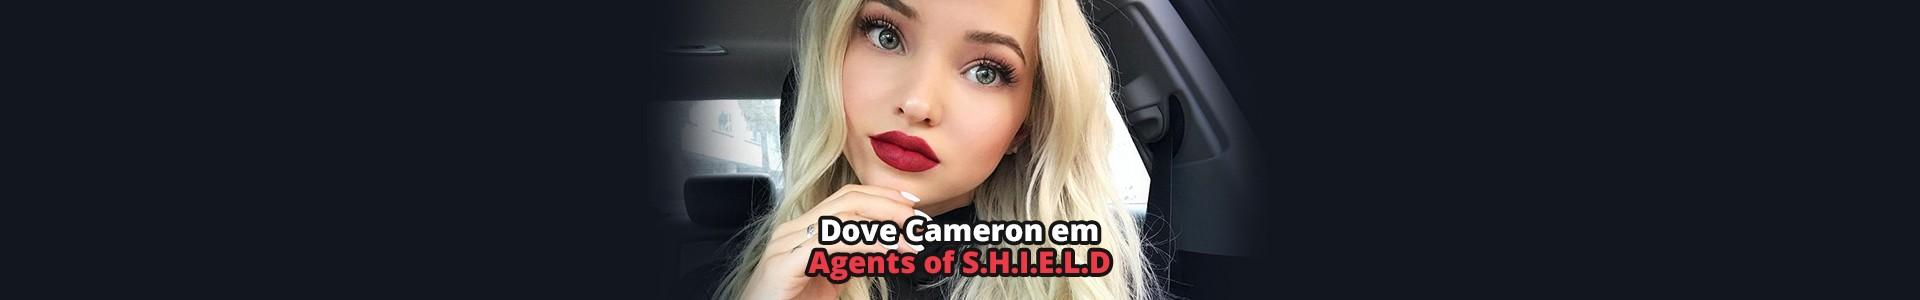 Agents of S.H.I.E.L.D: Foi revelado o papel de Dove Cameron